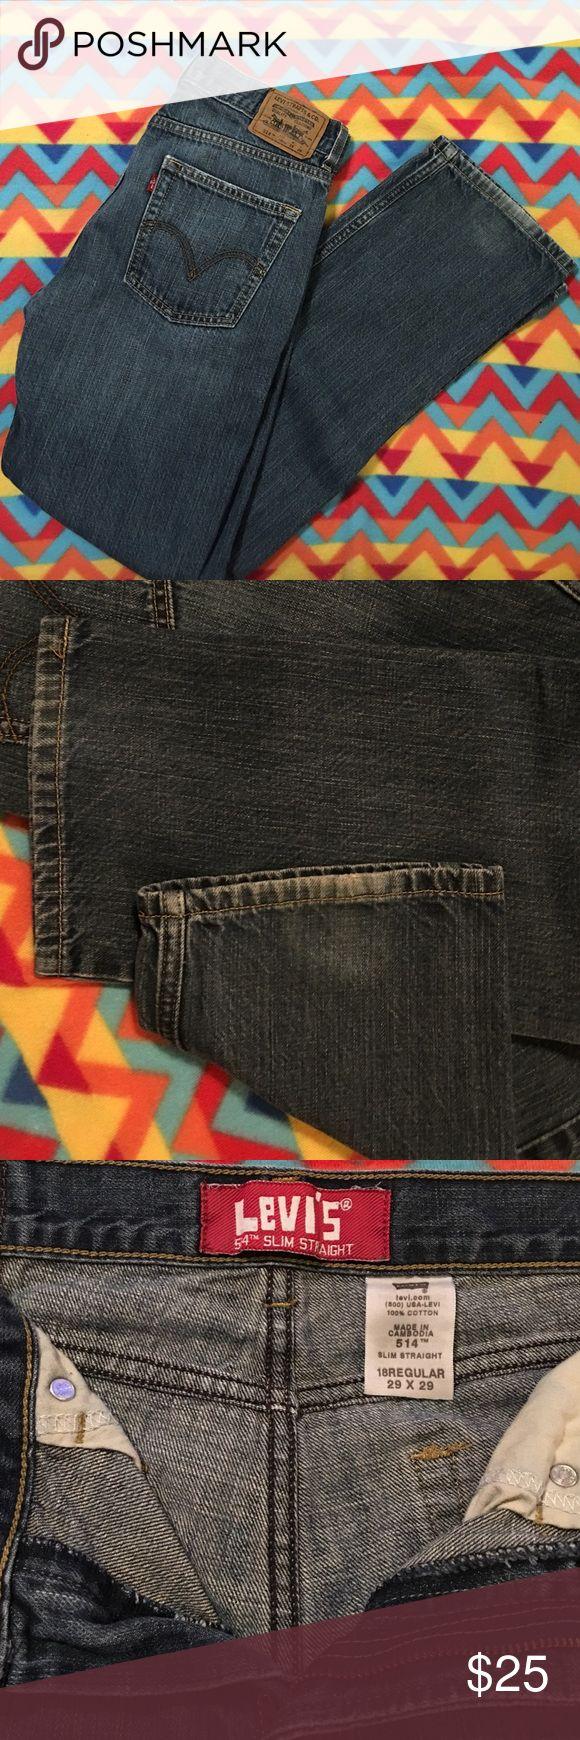 Men's Levi 514 jeans size 29x29 Like new men's Levi 514 jeans. Size 29x29 or Size 18 Levi's Jeans Slim Straight